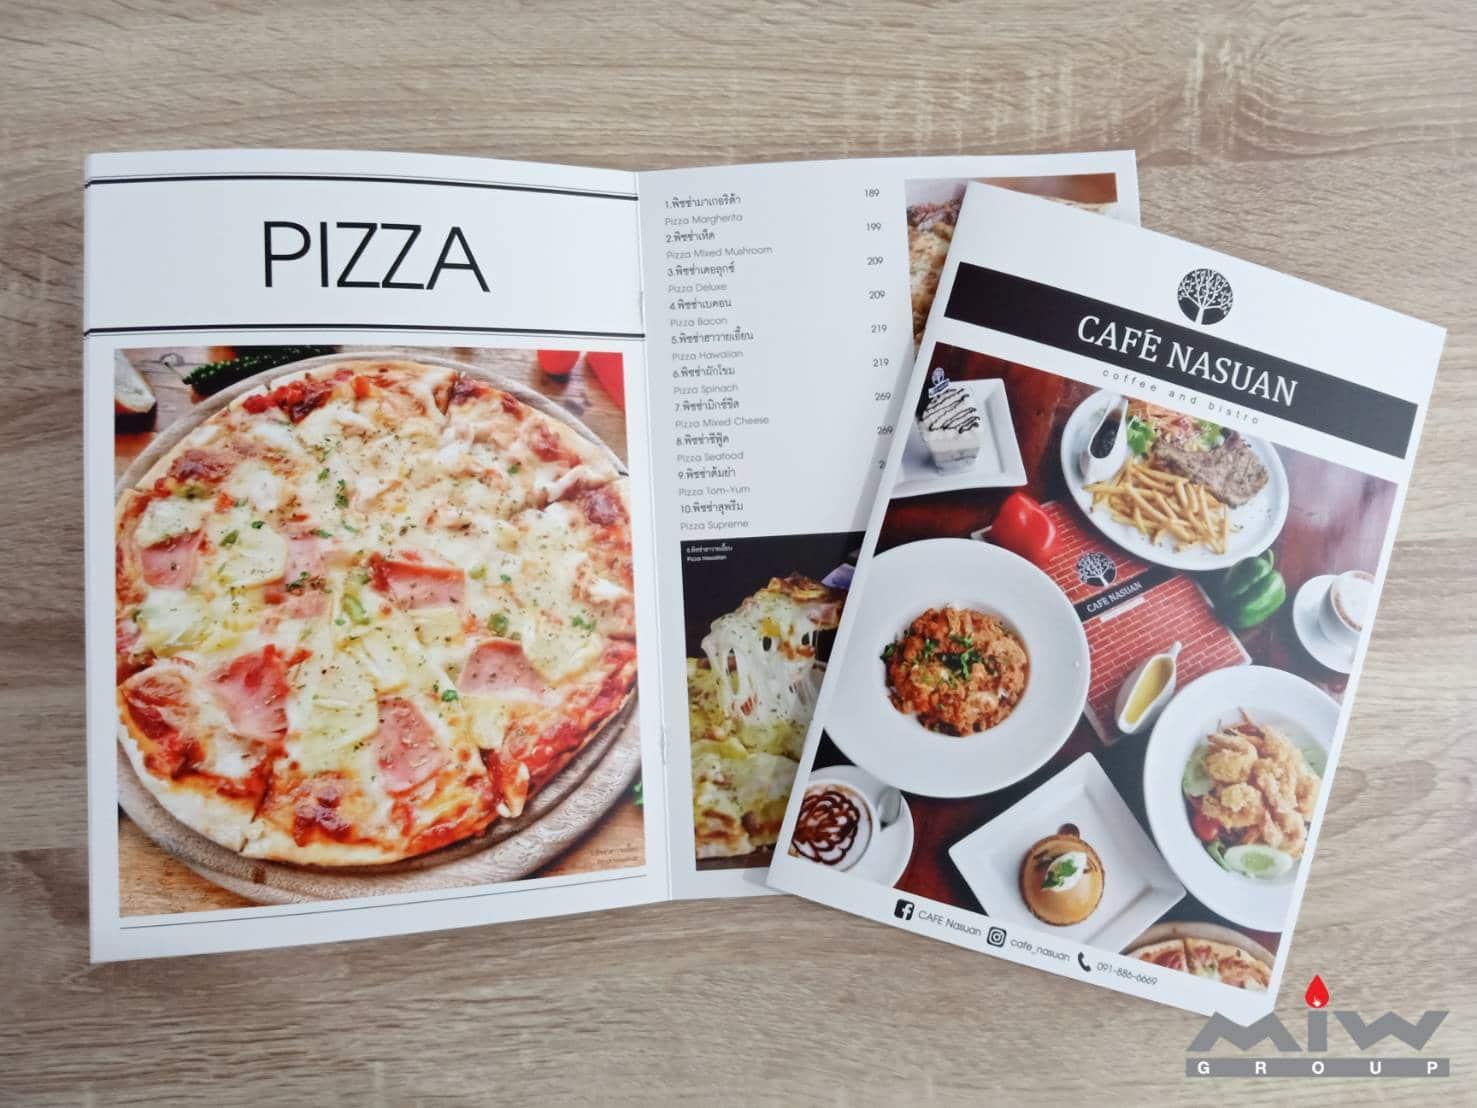 409451 - ตัวอย่างงานพิมพ์เมนูอาหารร้าน Caf'e Nasuan